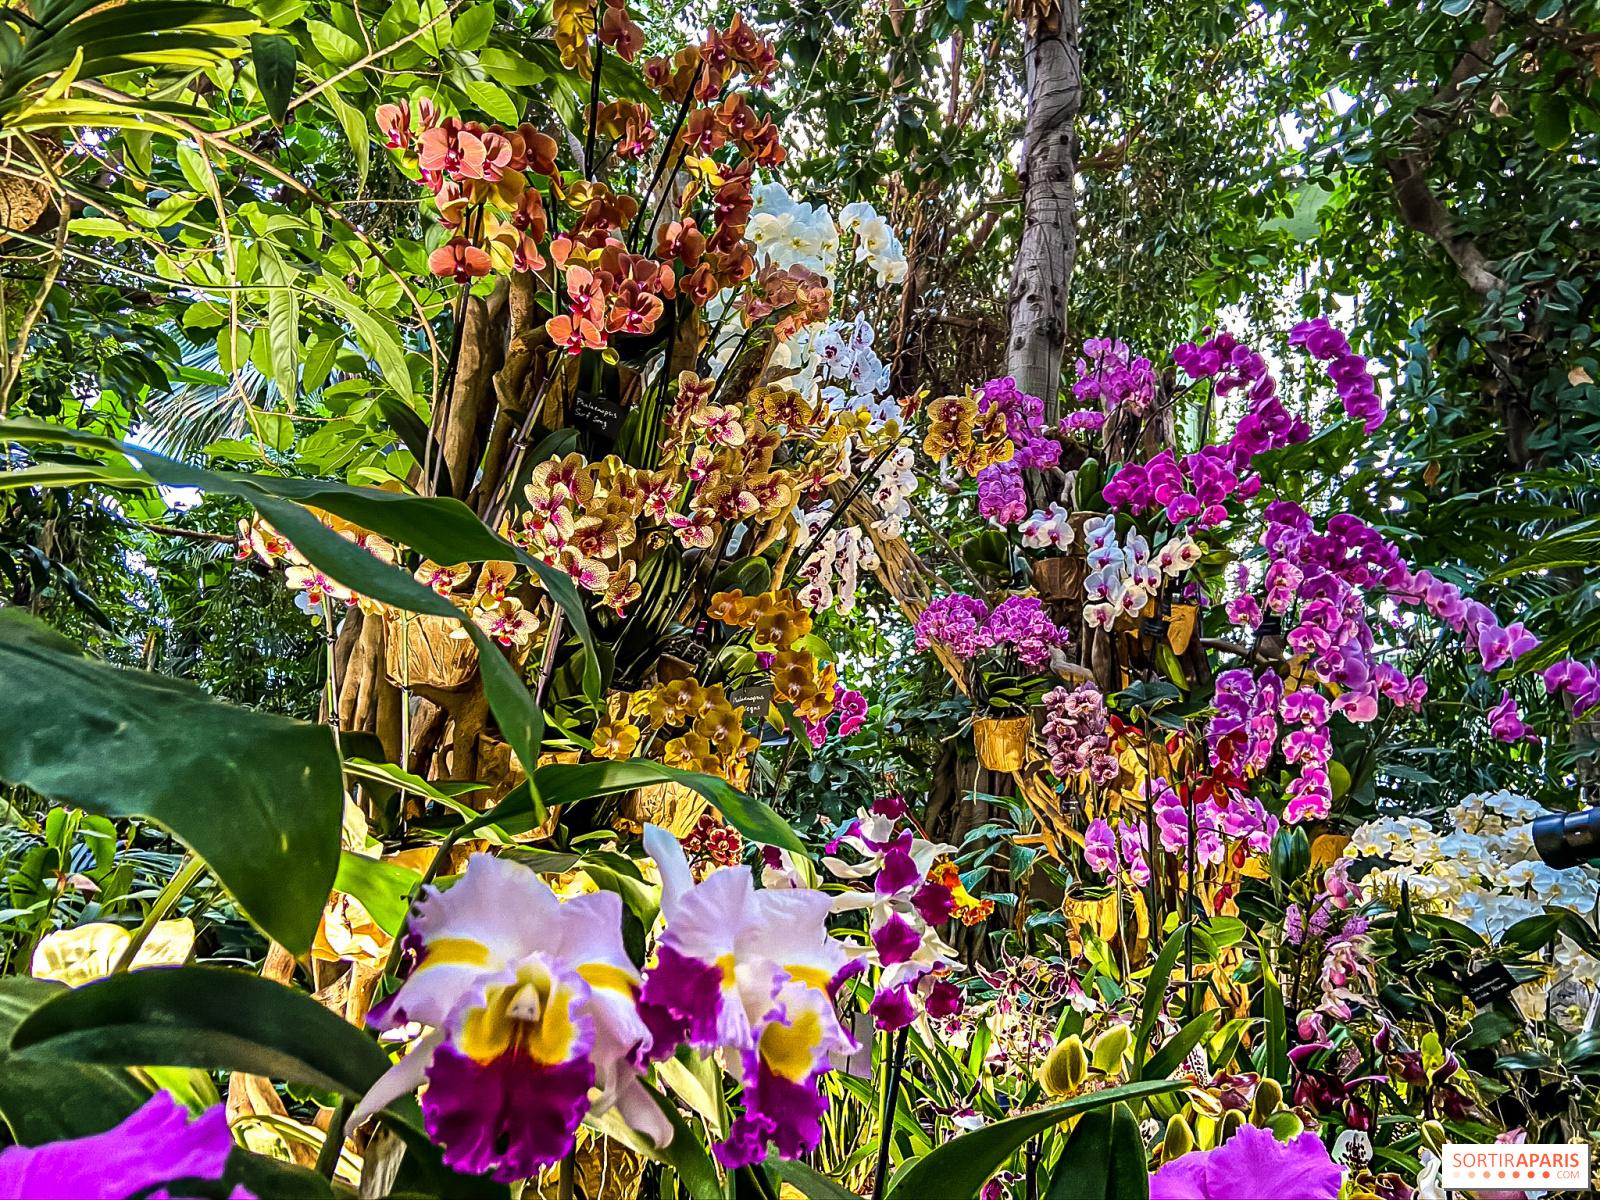 Comment S Occuper D Un Orchidée mille et une orchidées au jardin des plantes 2020 - vidéo